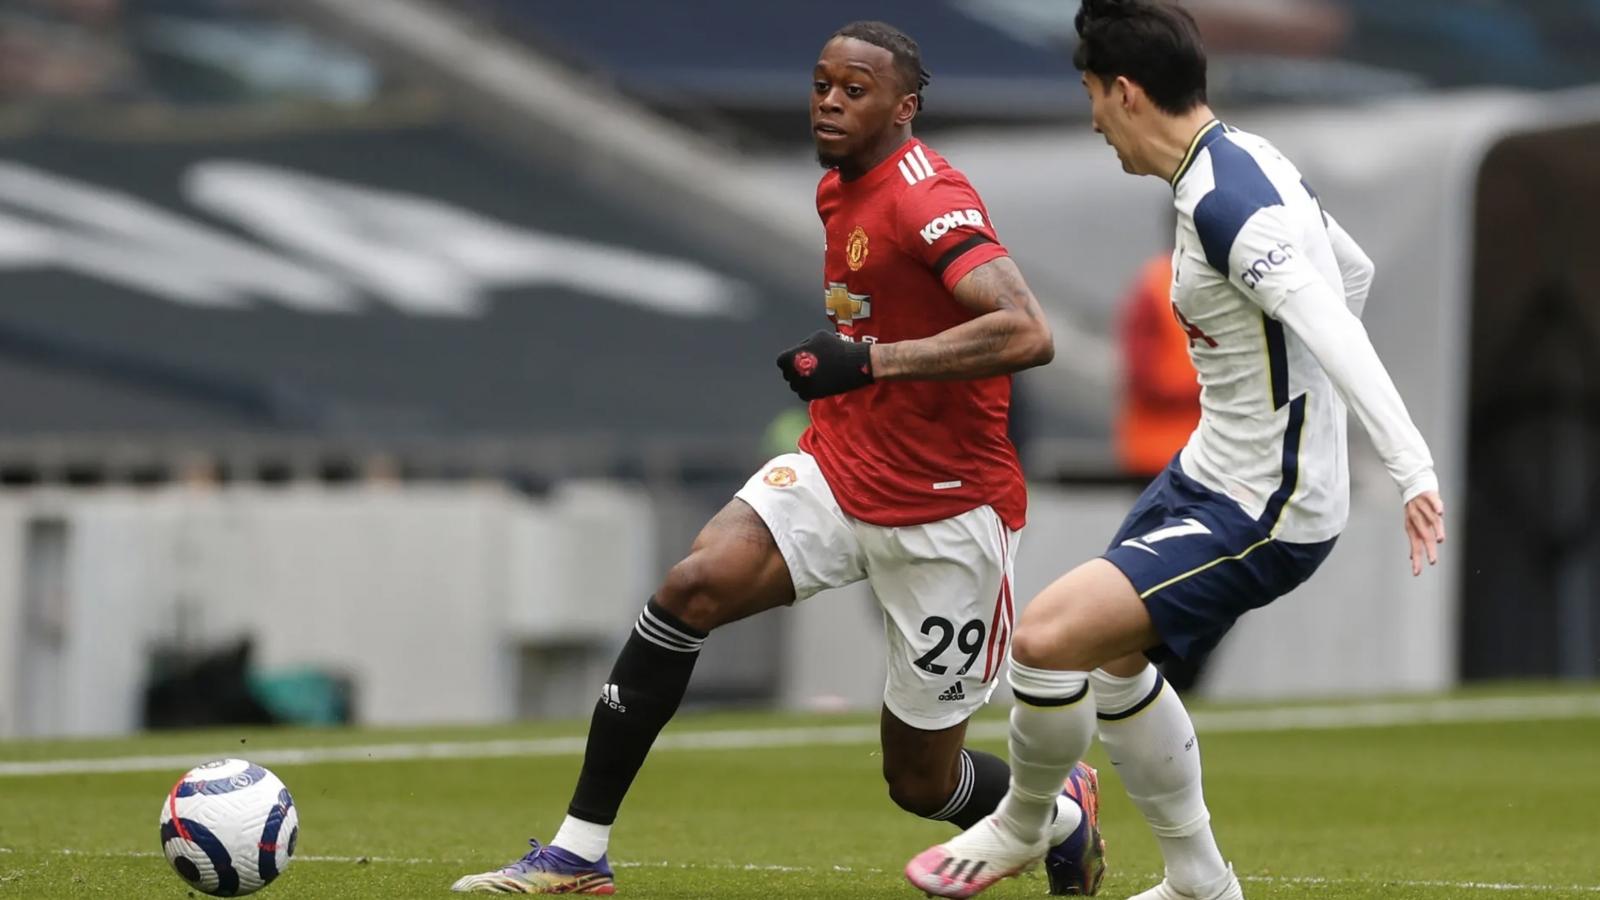 TRỰC TIẾP Tottenham 0 - 0 MU: Quỷ đỏ bị dồn ép